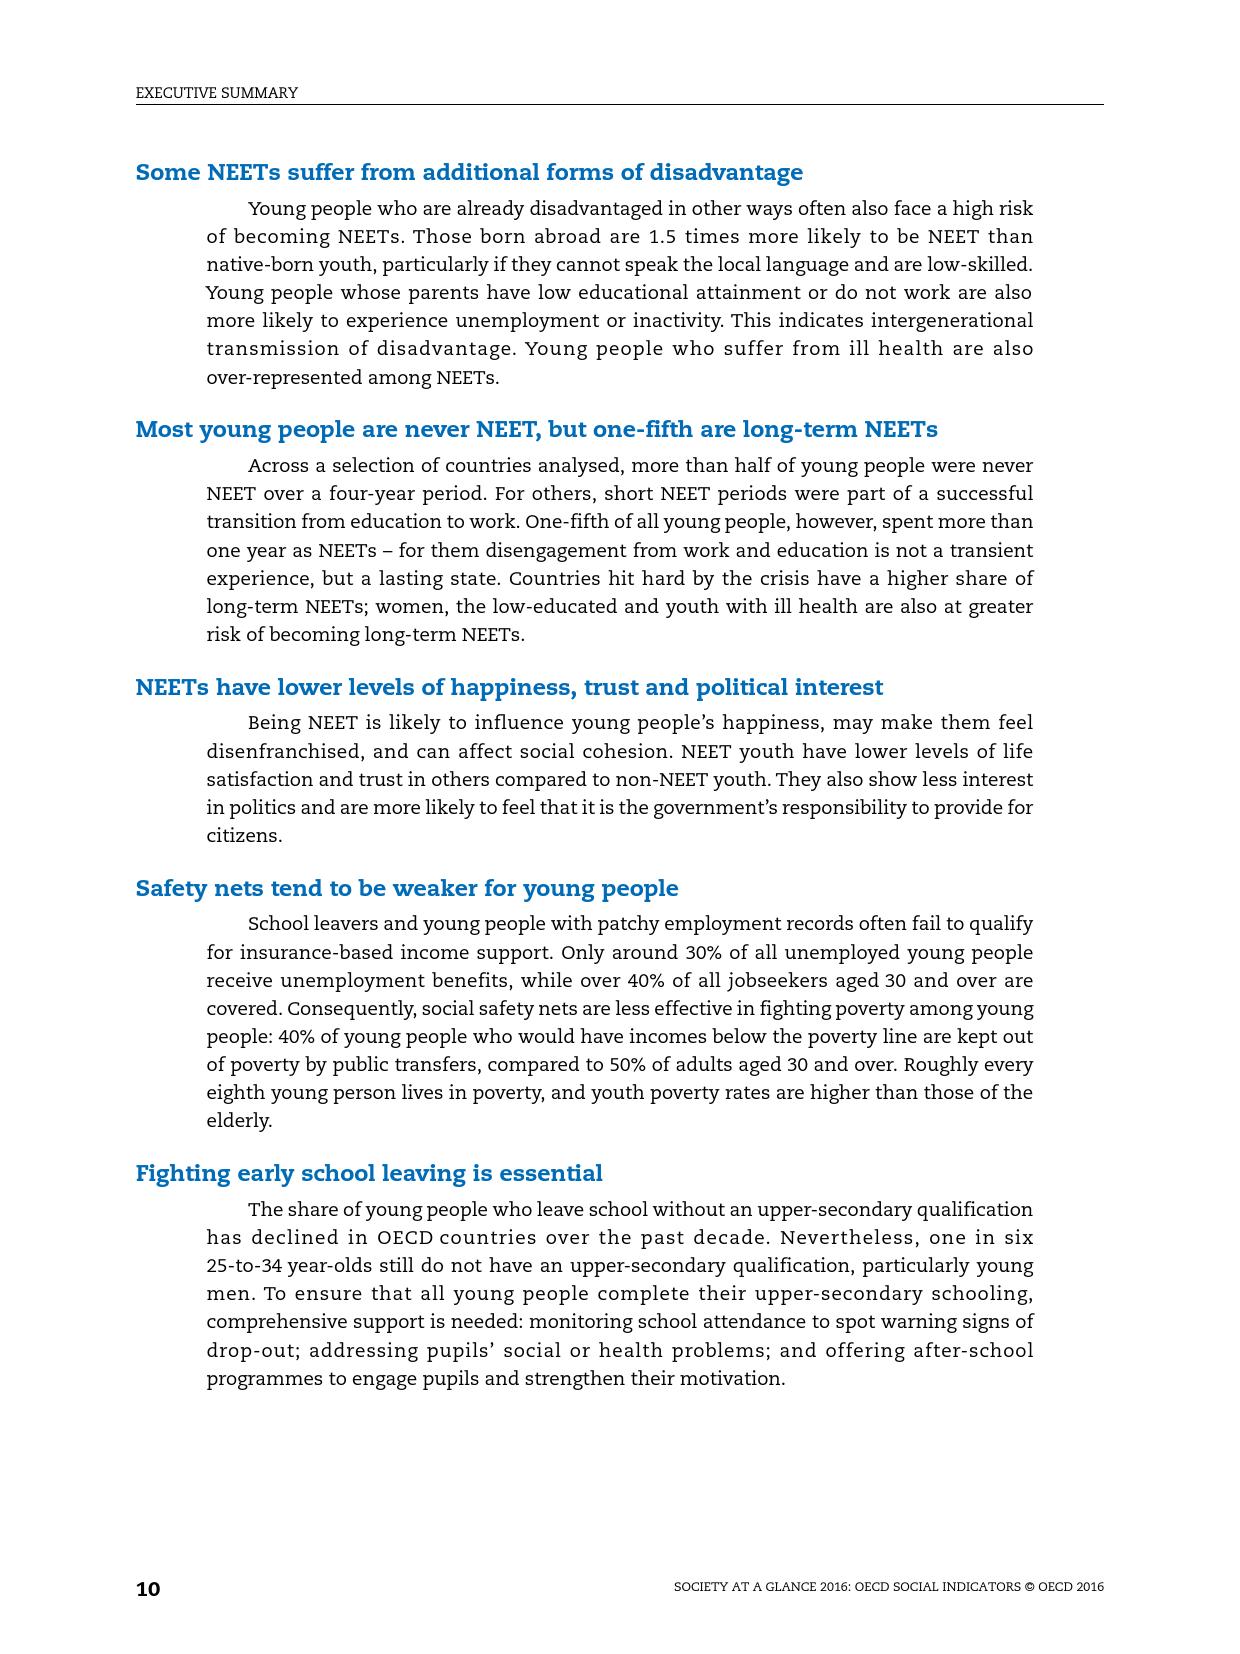 2016年OECD国家社会概览报告_000012